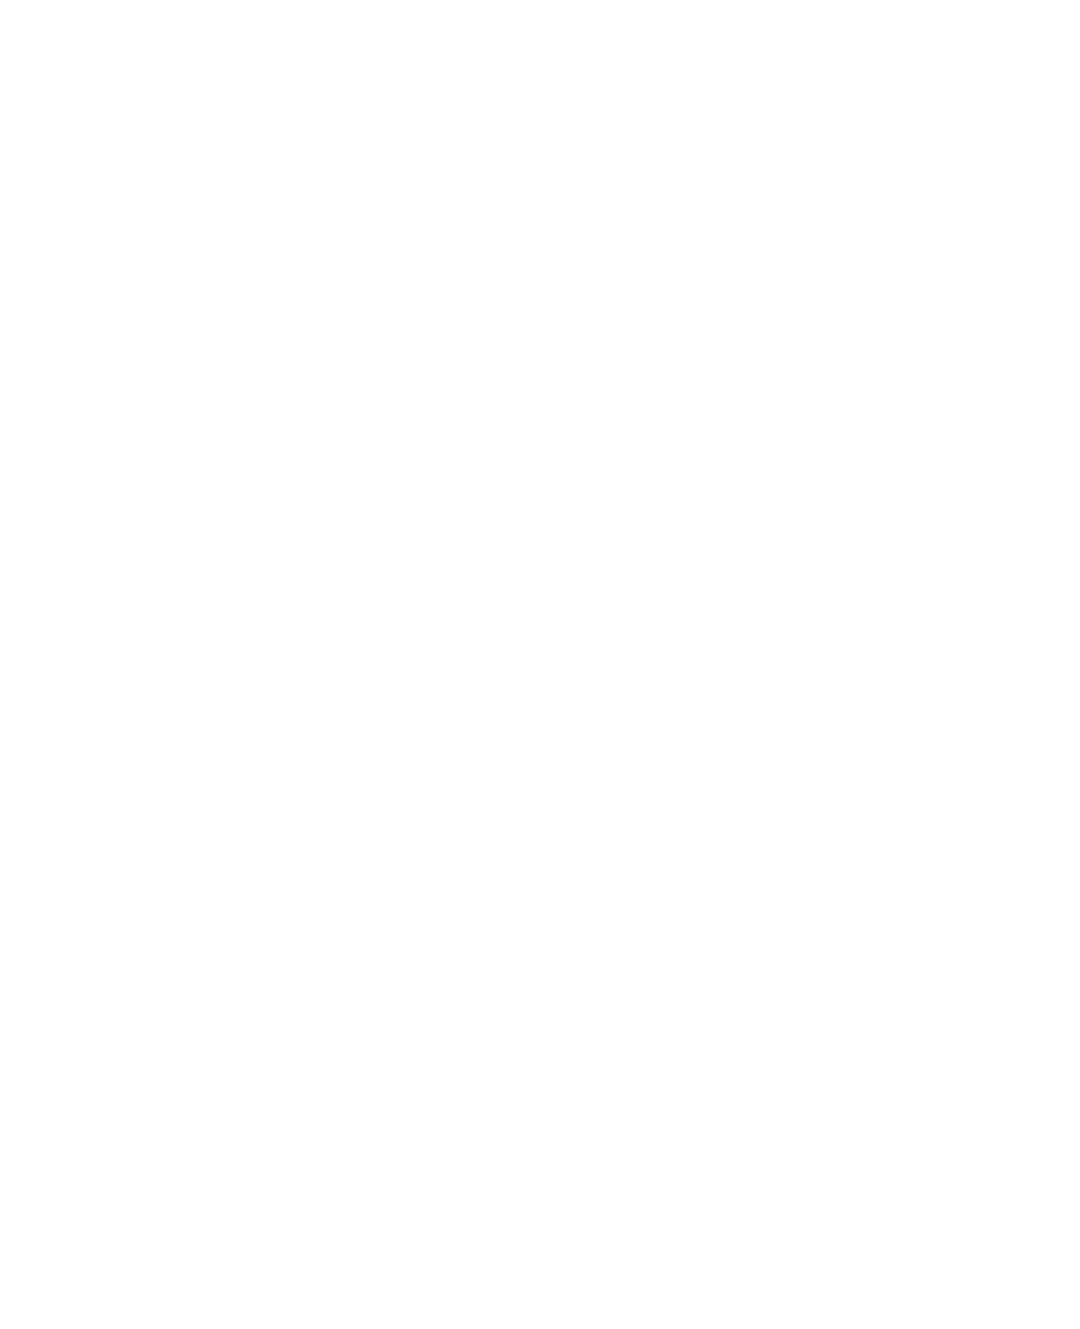 اپ استور ایرانی سیبجو بدون محدودیت های اپل